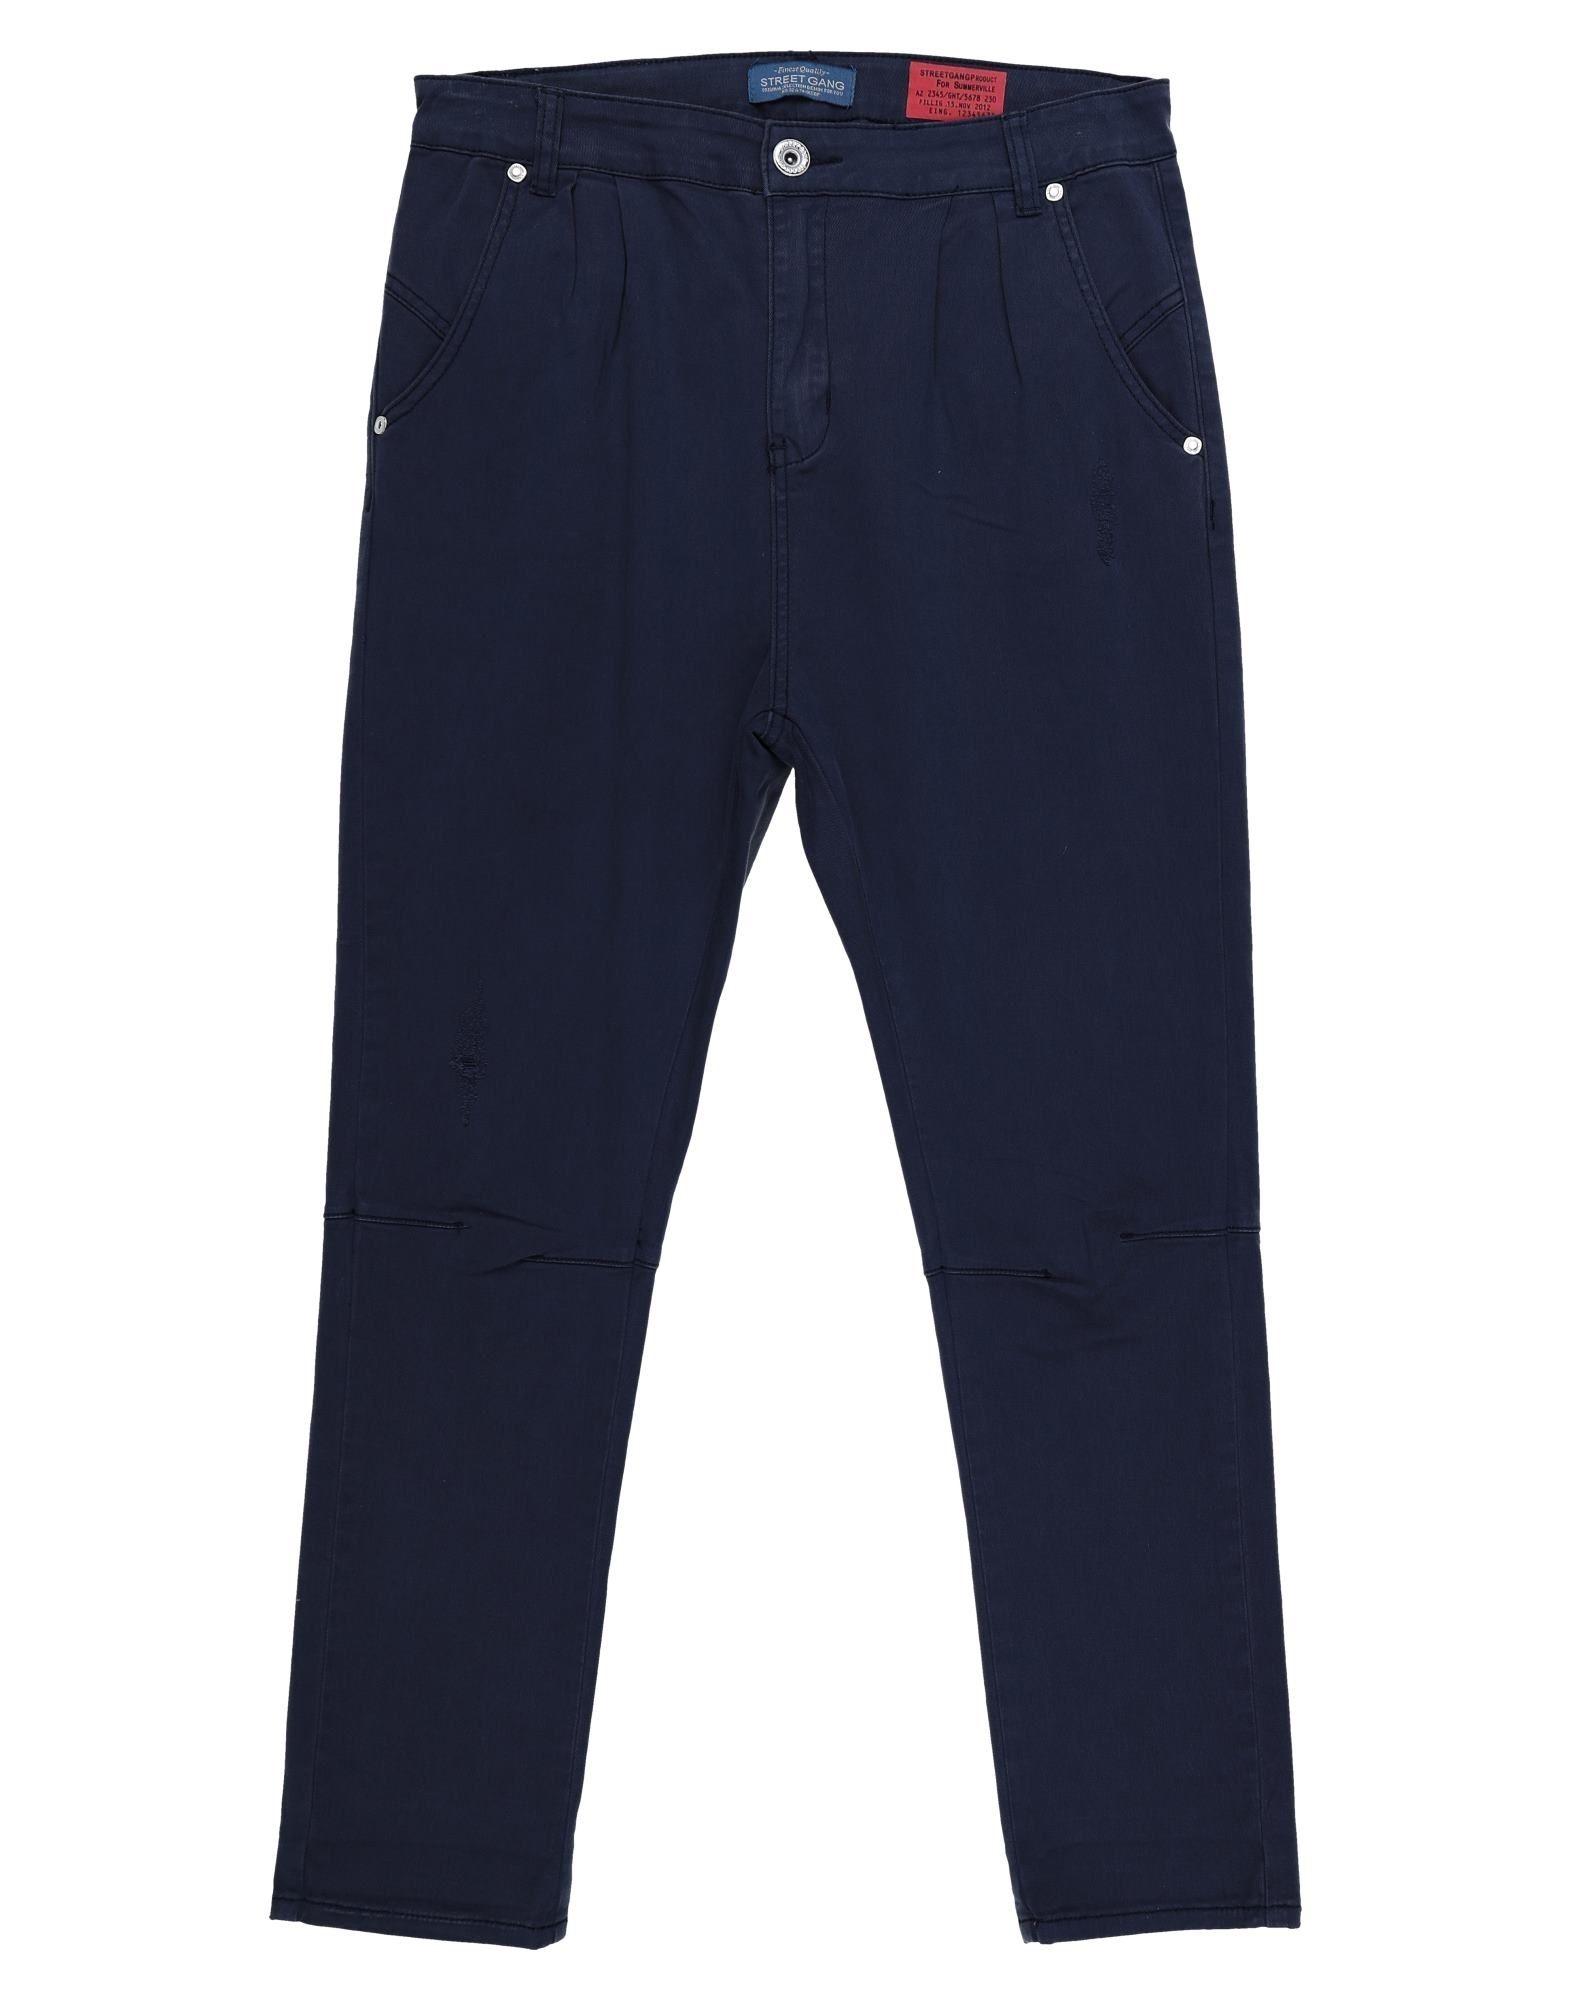 Street Gang Kids' Casual Pants In Blue